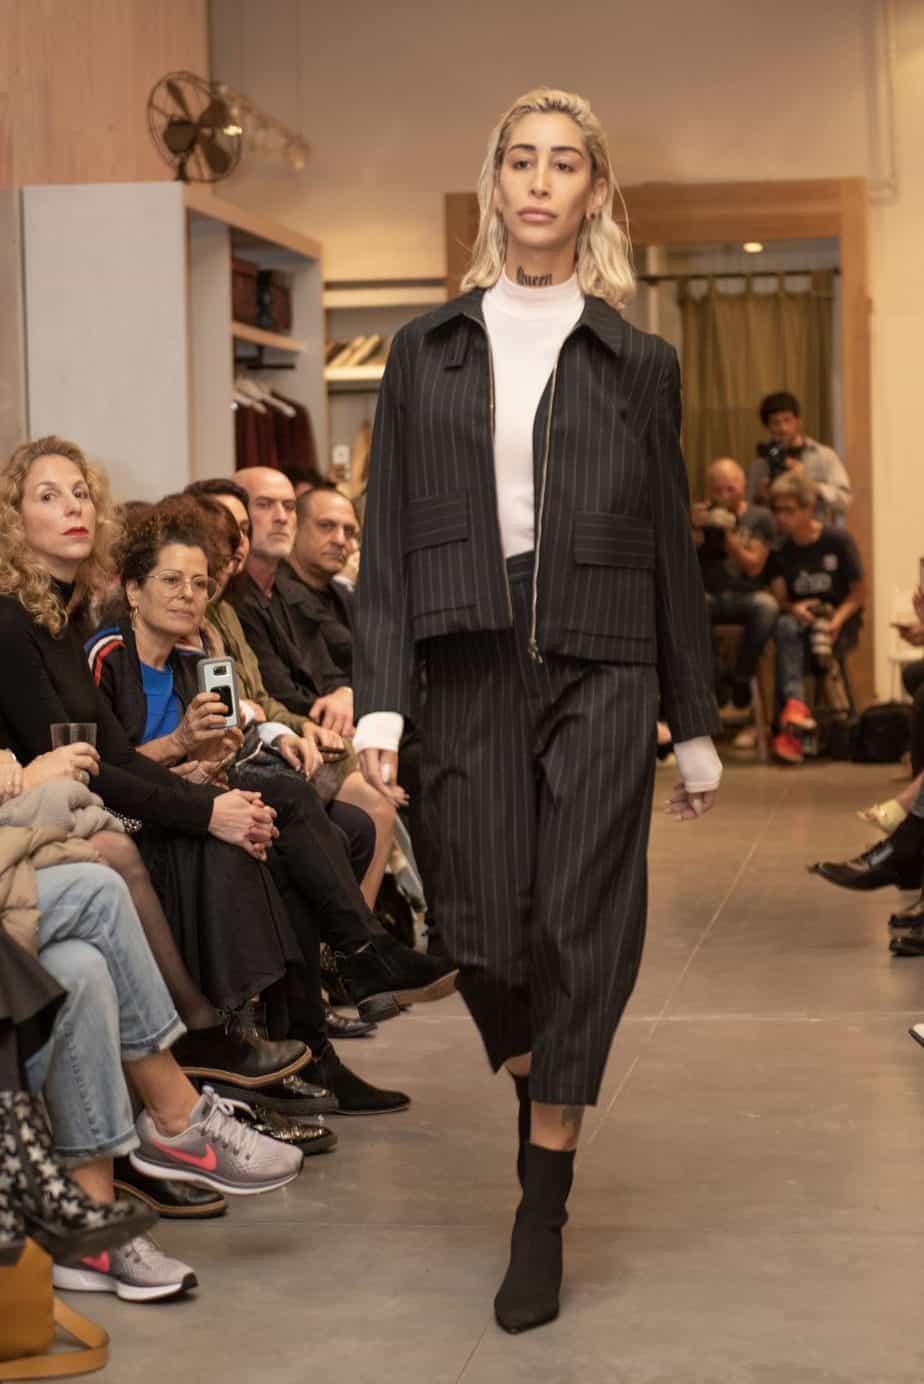 קום איל פו. תצוגת אופנה סתיו חורף 208-19. צילום: יניב לוי -32655